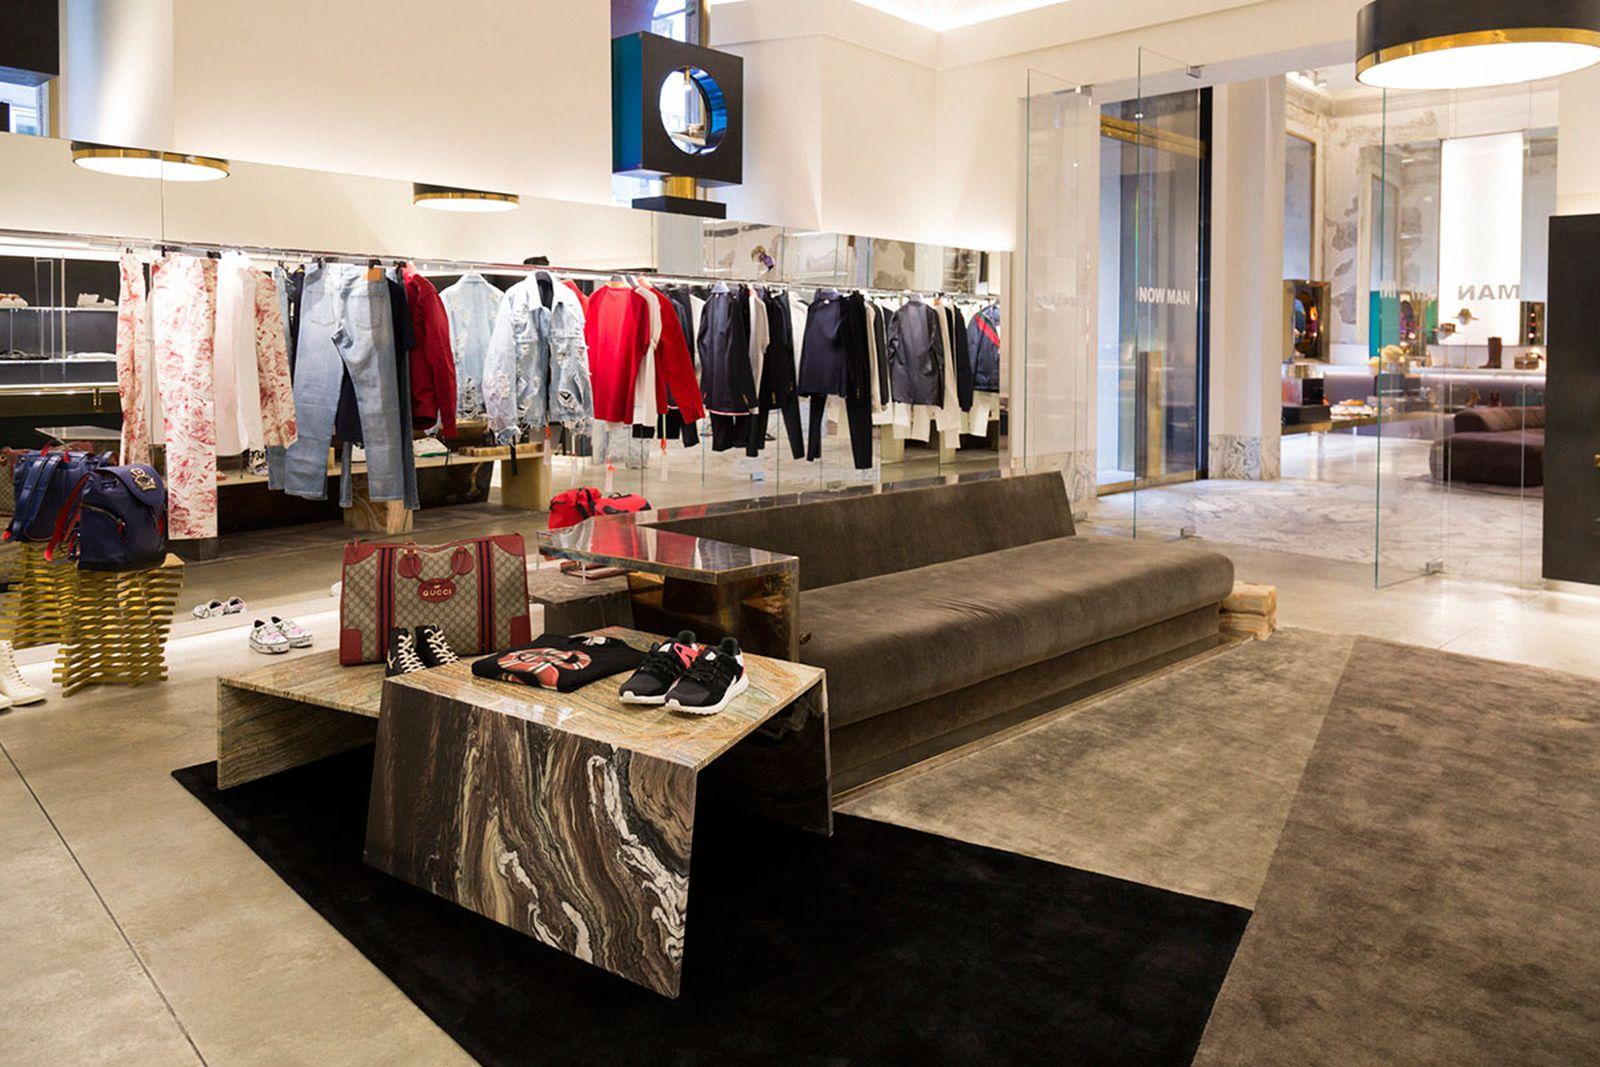 milan-shopping-guide-antonia-3